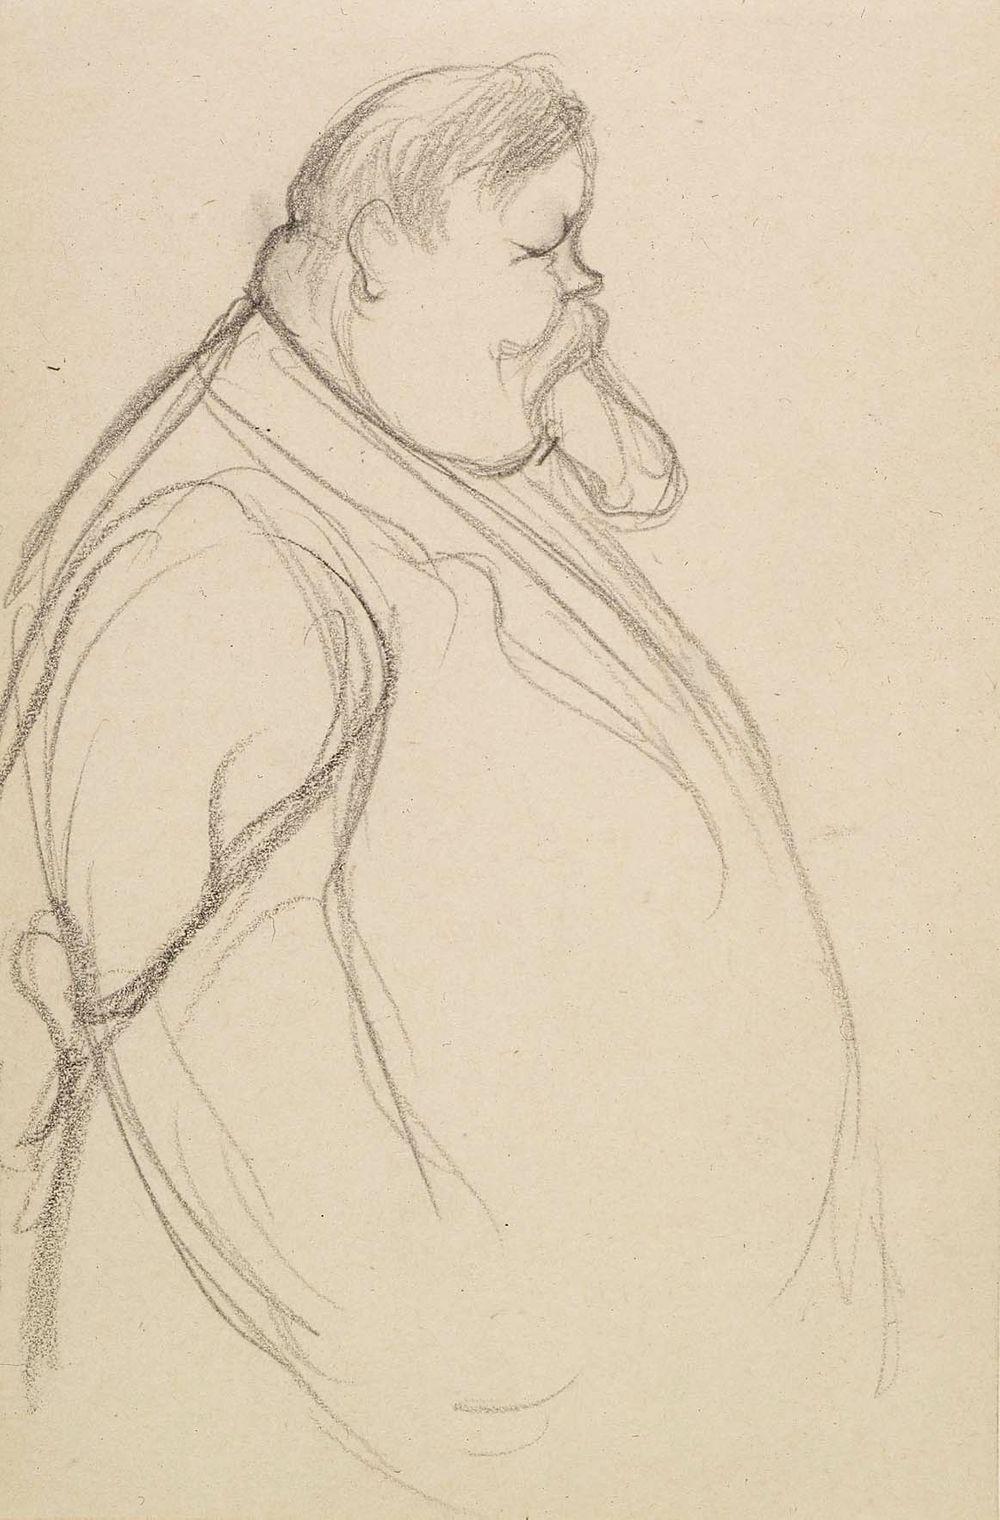 Vanhan lihavan miehen muotokuva, kokovartalo, sivukuva